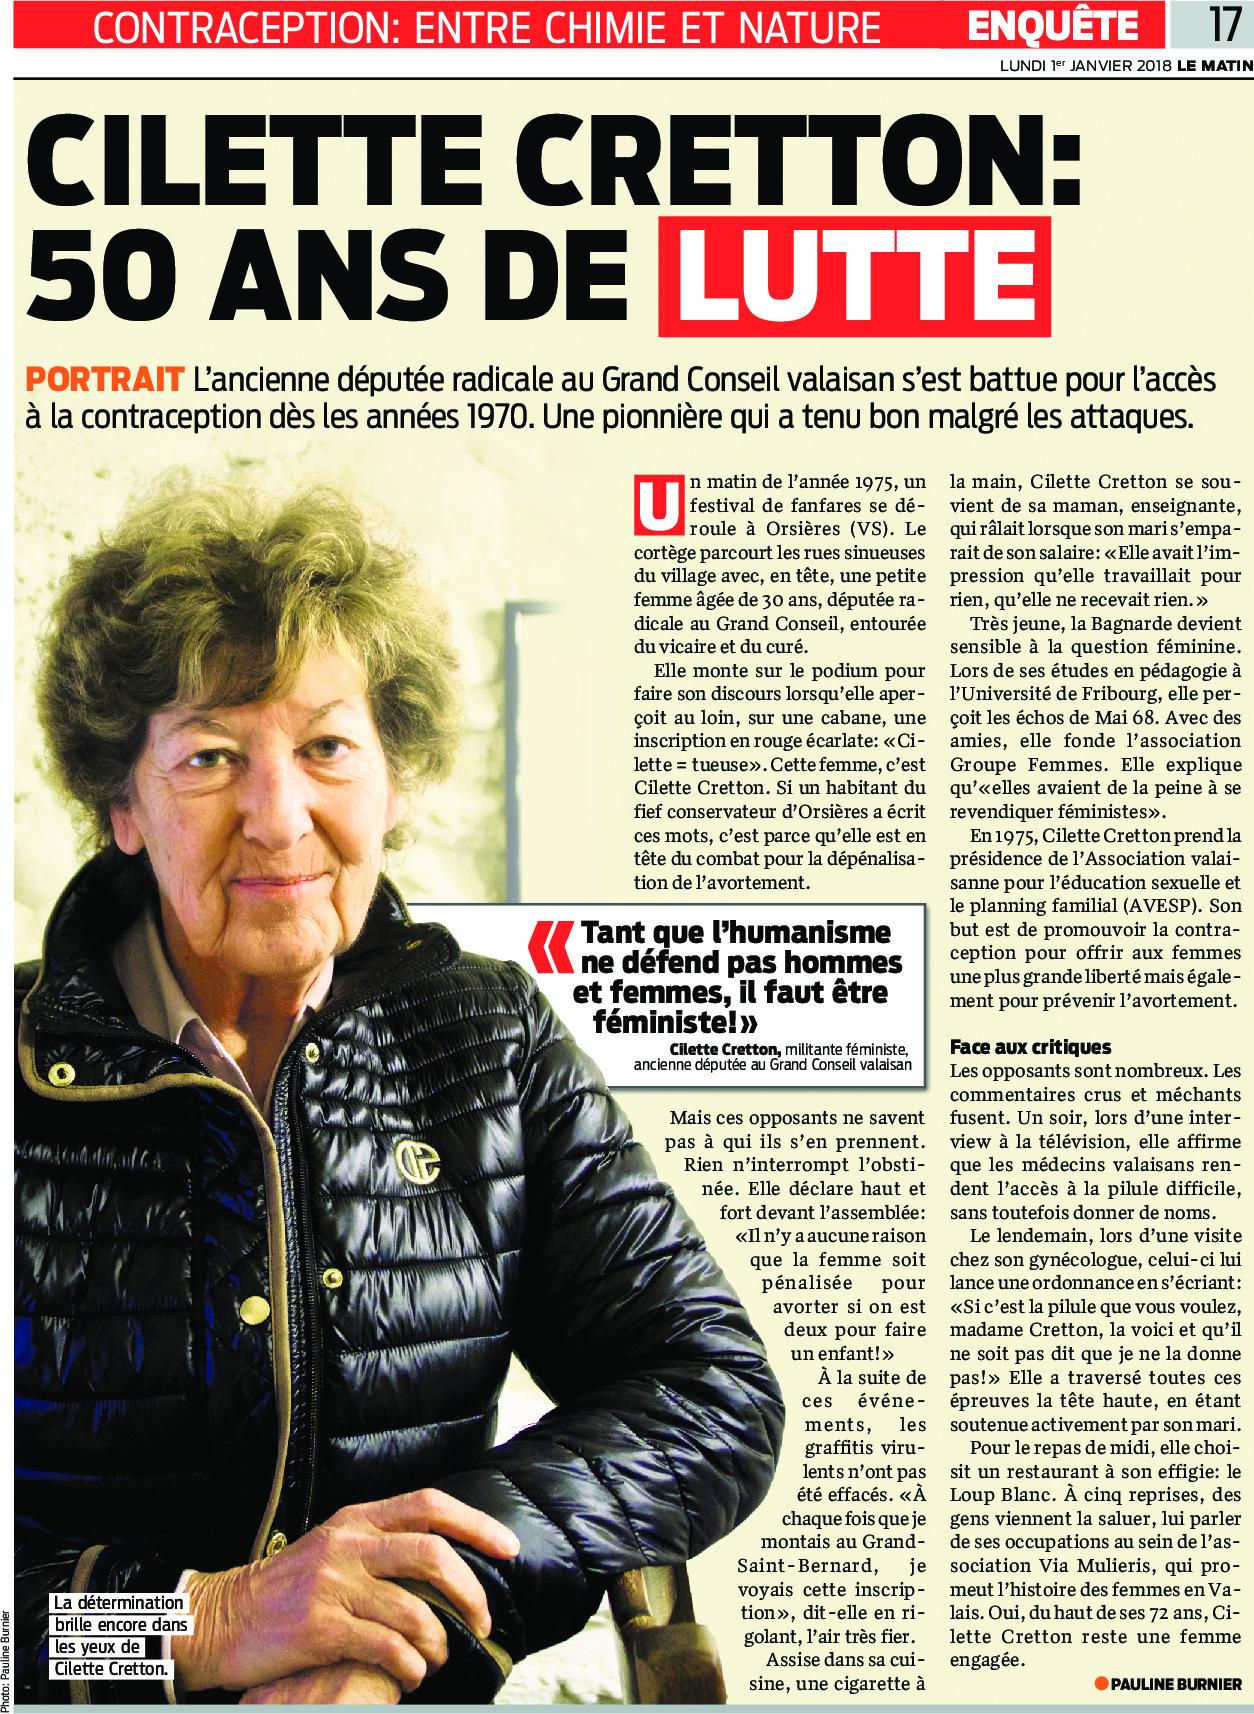 Cilette Cretton : 50 ans de lutte